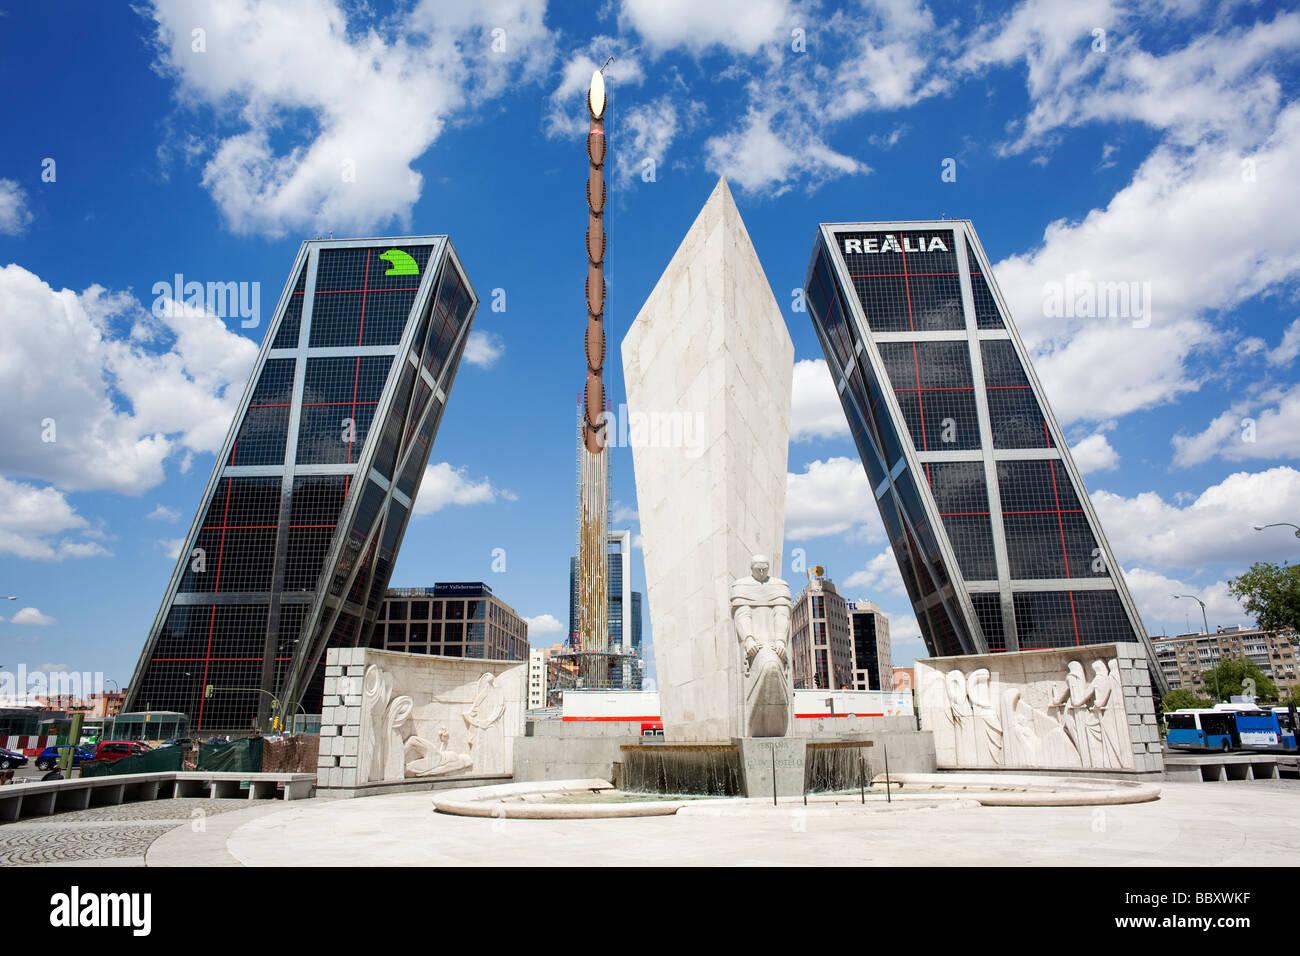 Plaza de Castilla financial district, Madrid, Espagne Photo Stock